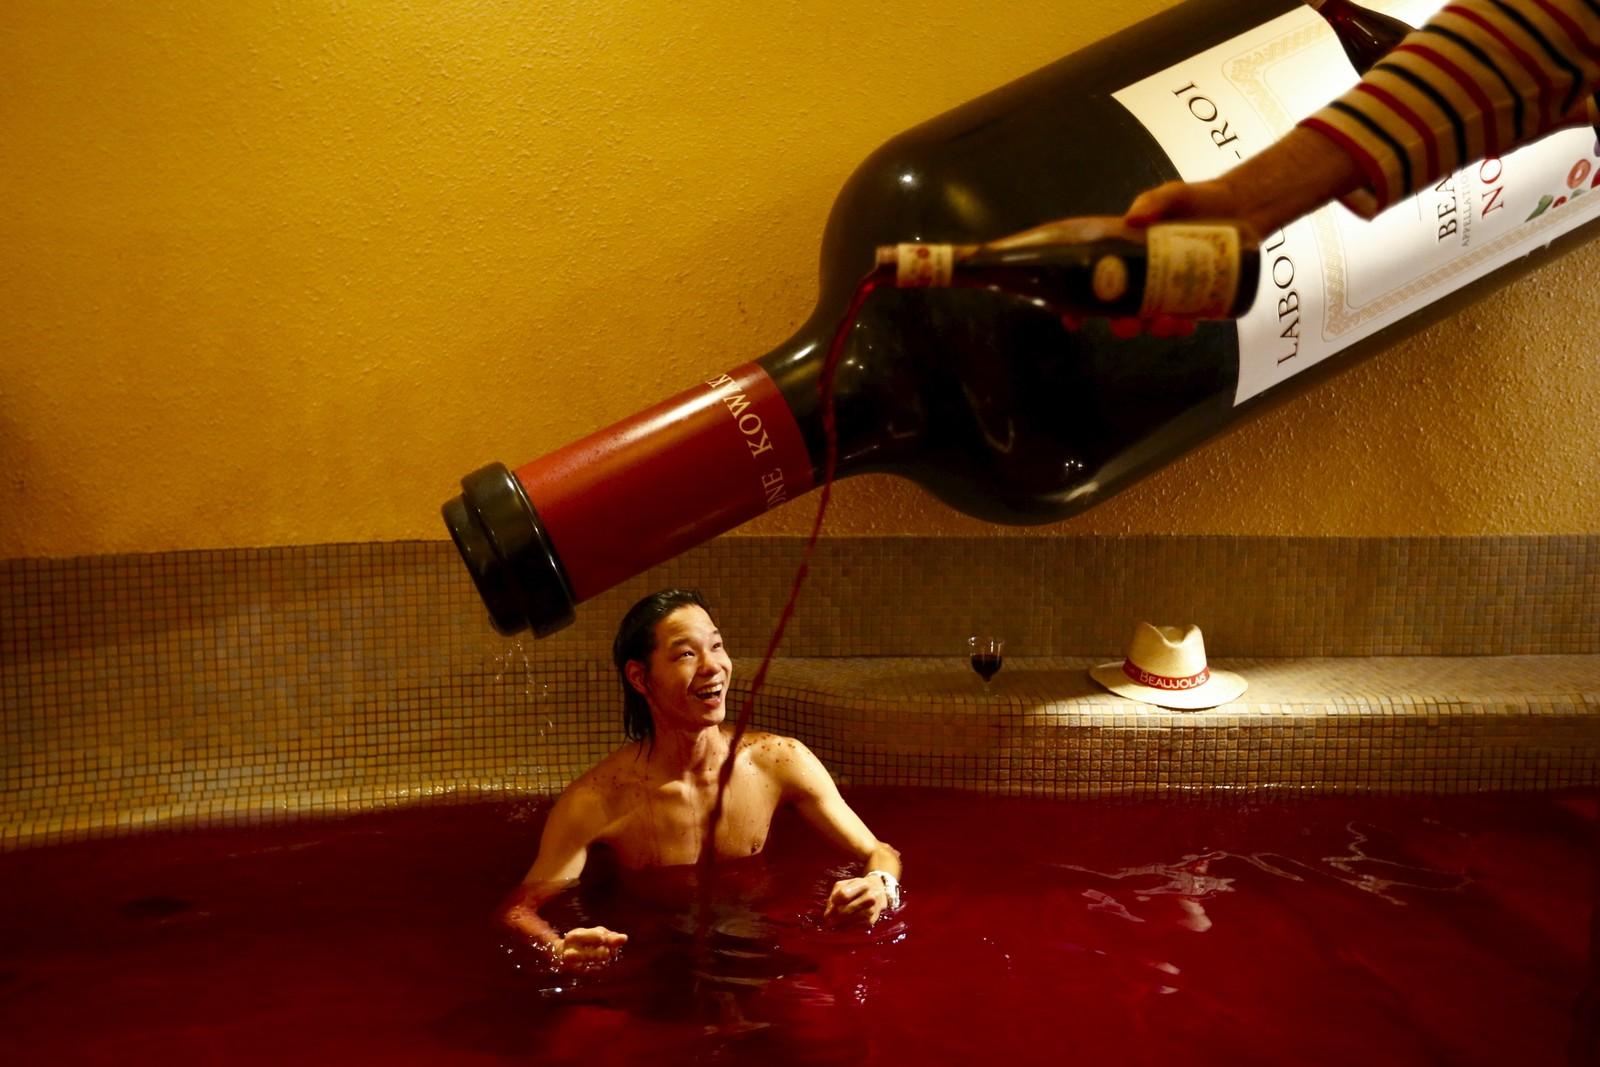 En mann heller vin i et varmt bad med farga vann. Årsaken var feiringen av Beaujolais-dagen i et spa like vest for Tokyo. Om det var innafor å drikke av badet, sier bildeteksten til nyhetsbyrået Reuters ingenting om.